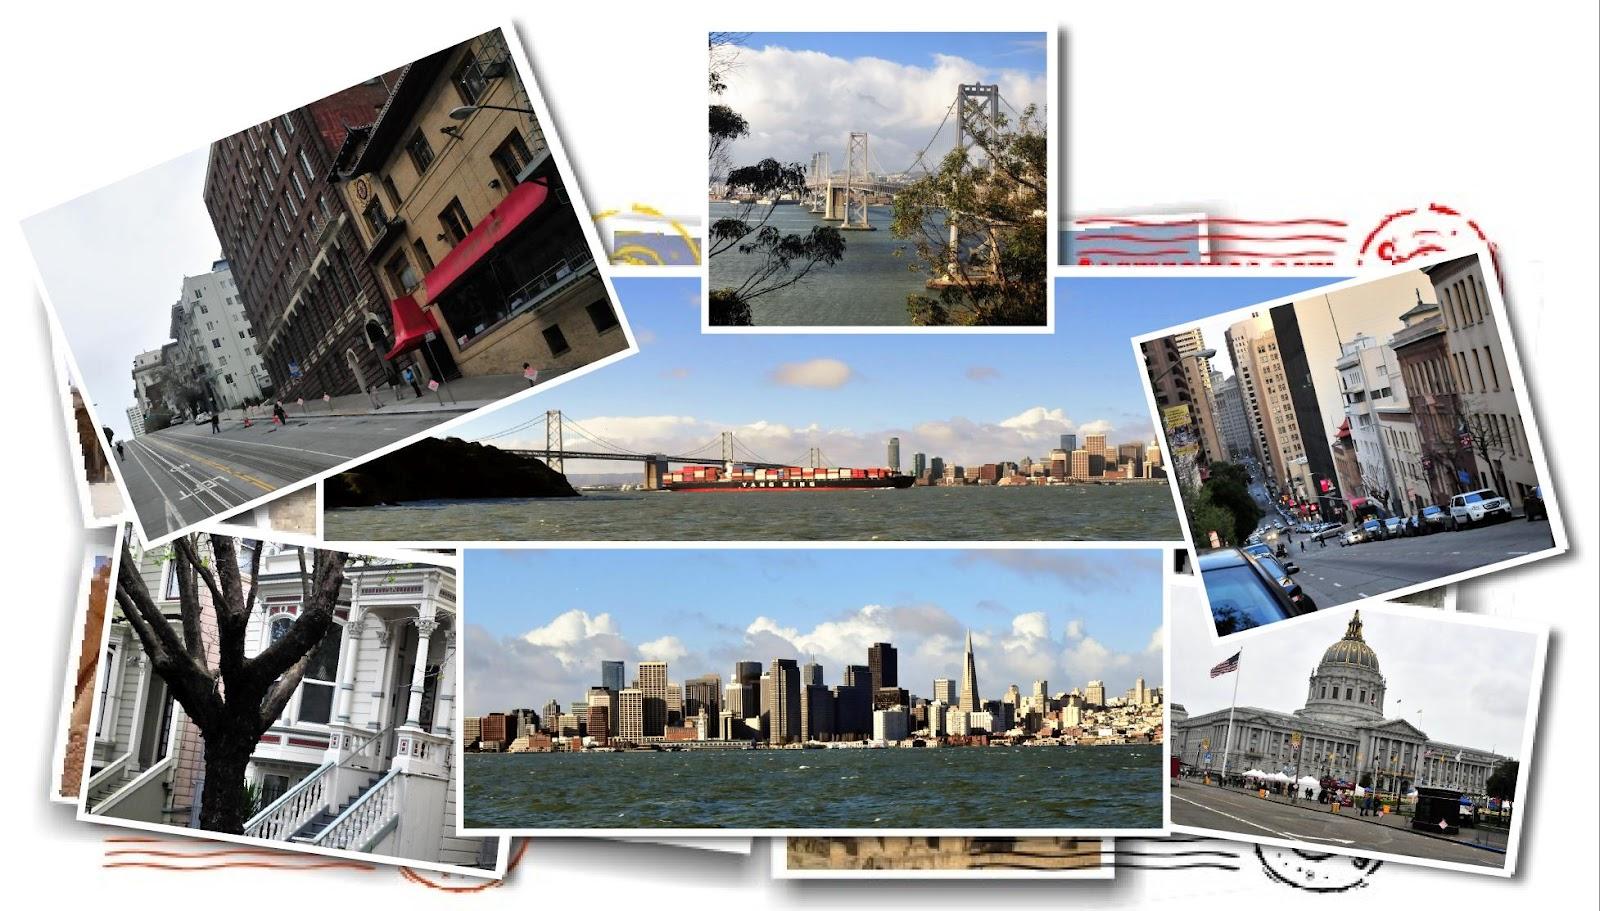 Un Viaje único Las Vegas: DiMeqMe: Nuestro Viaje A San Francisco Y Las Vegas I